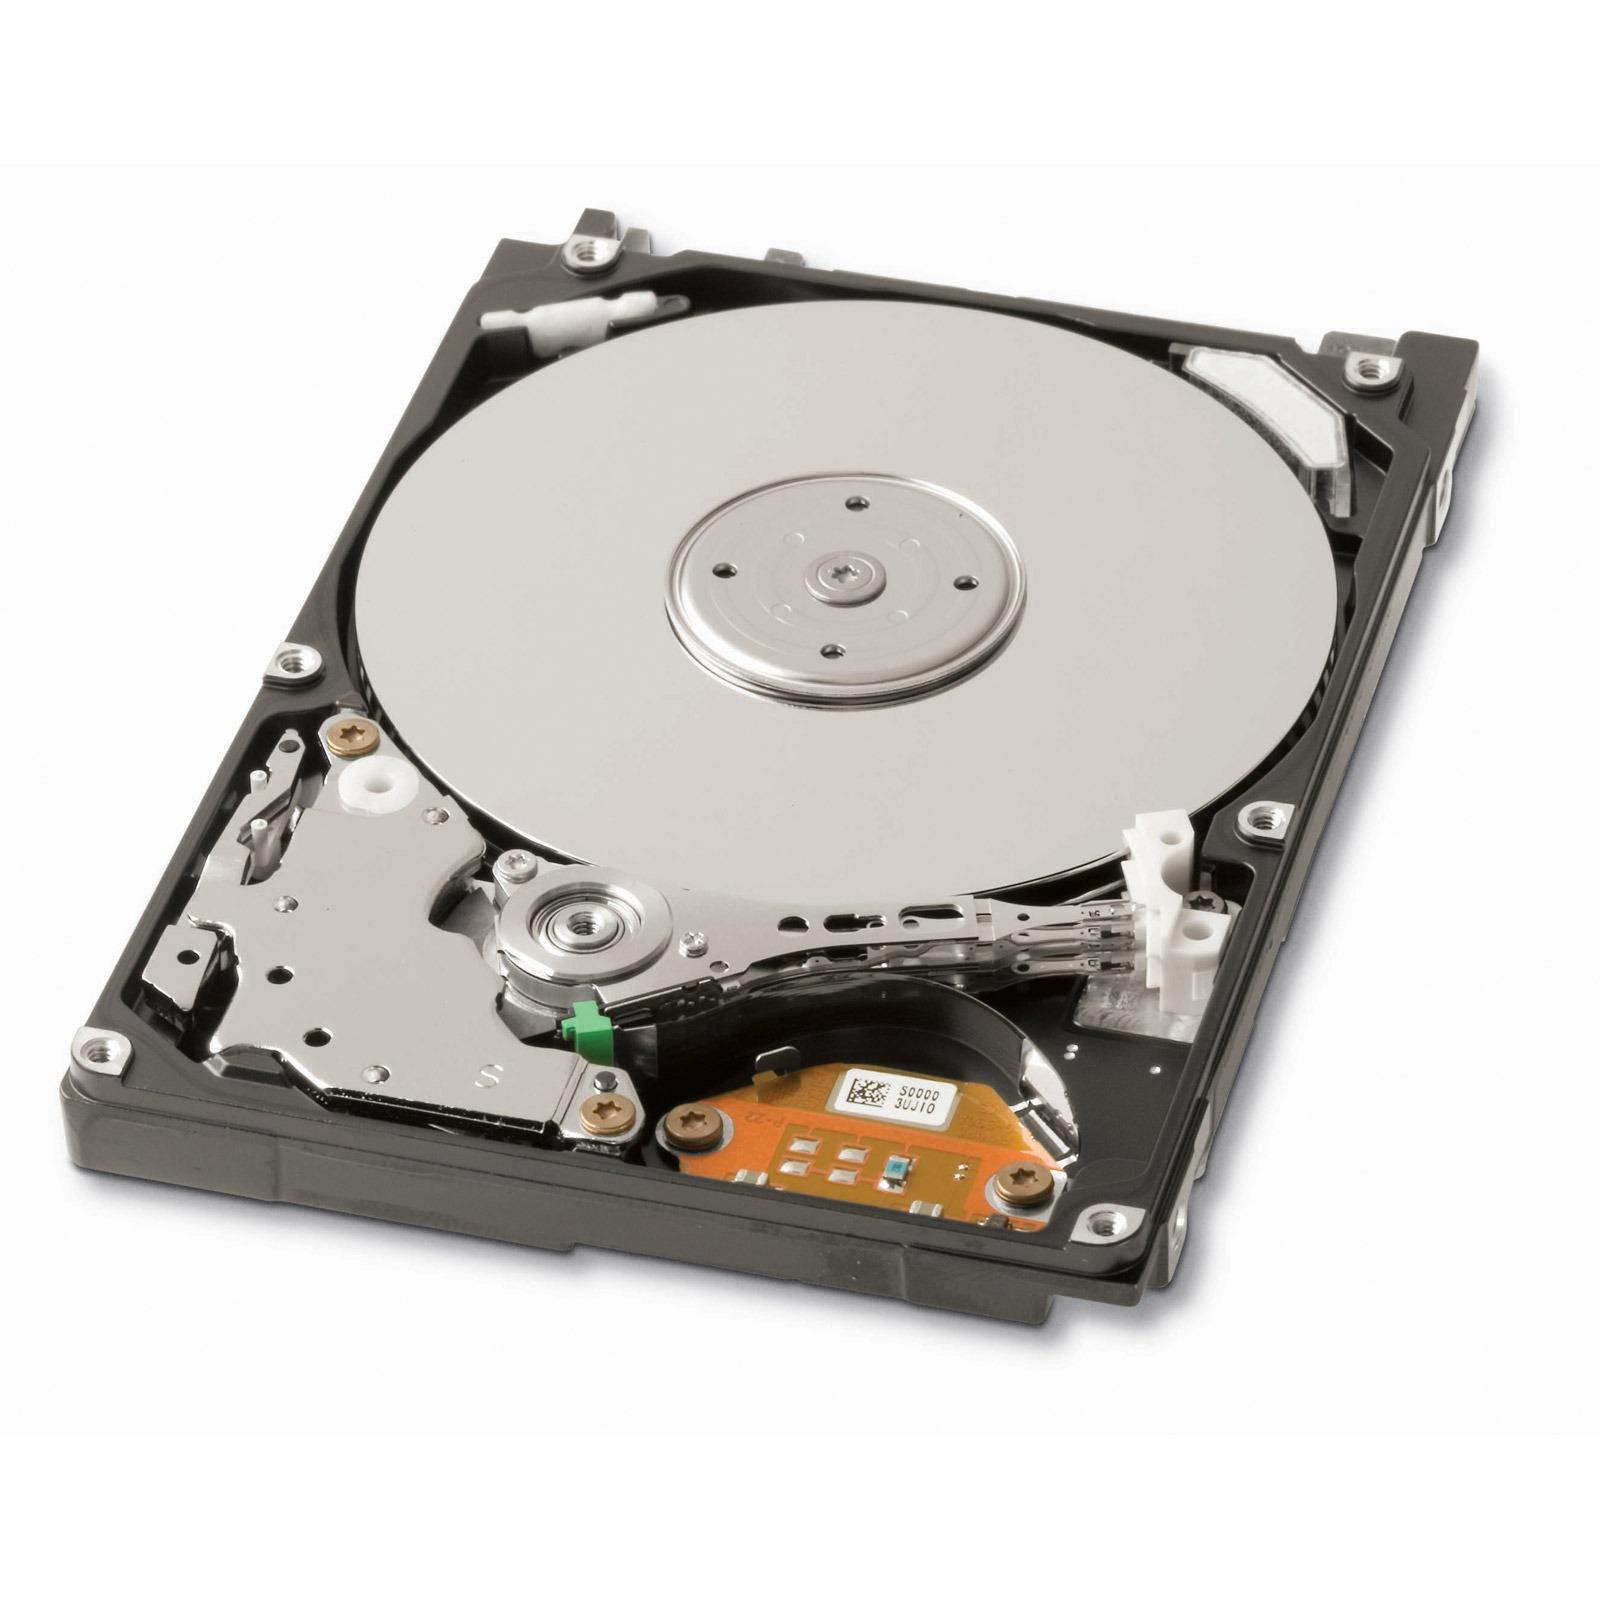 """Disque dur interne Toshiba MK6465GSX Toshiba MK6465GSX - 640 Go 2.5"""" 5400 RPM 8 Mo Serial ATA II (bulk)"""